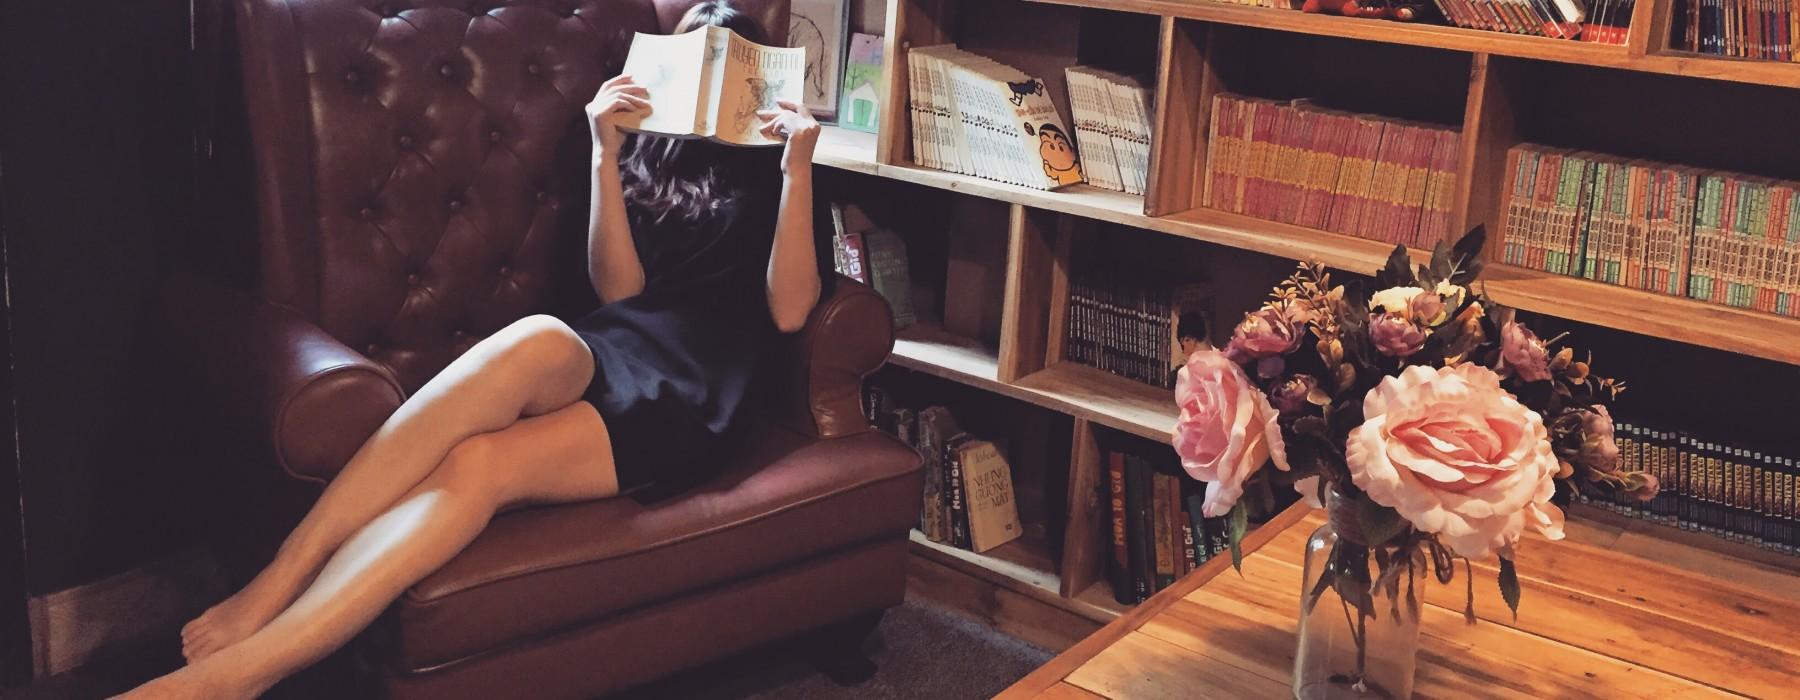 Książki na jesień. Co czytać, żeby wieczory stały się znośne?